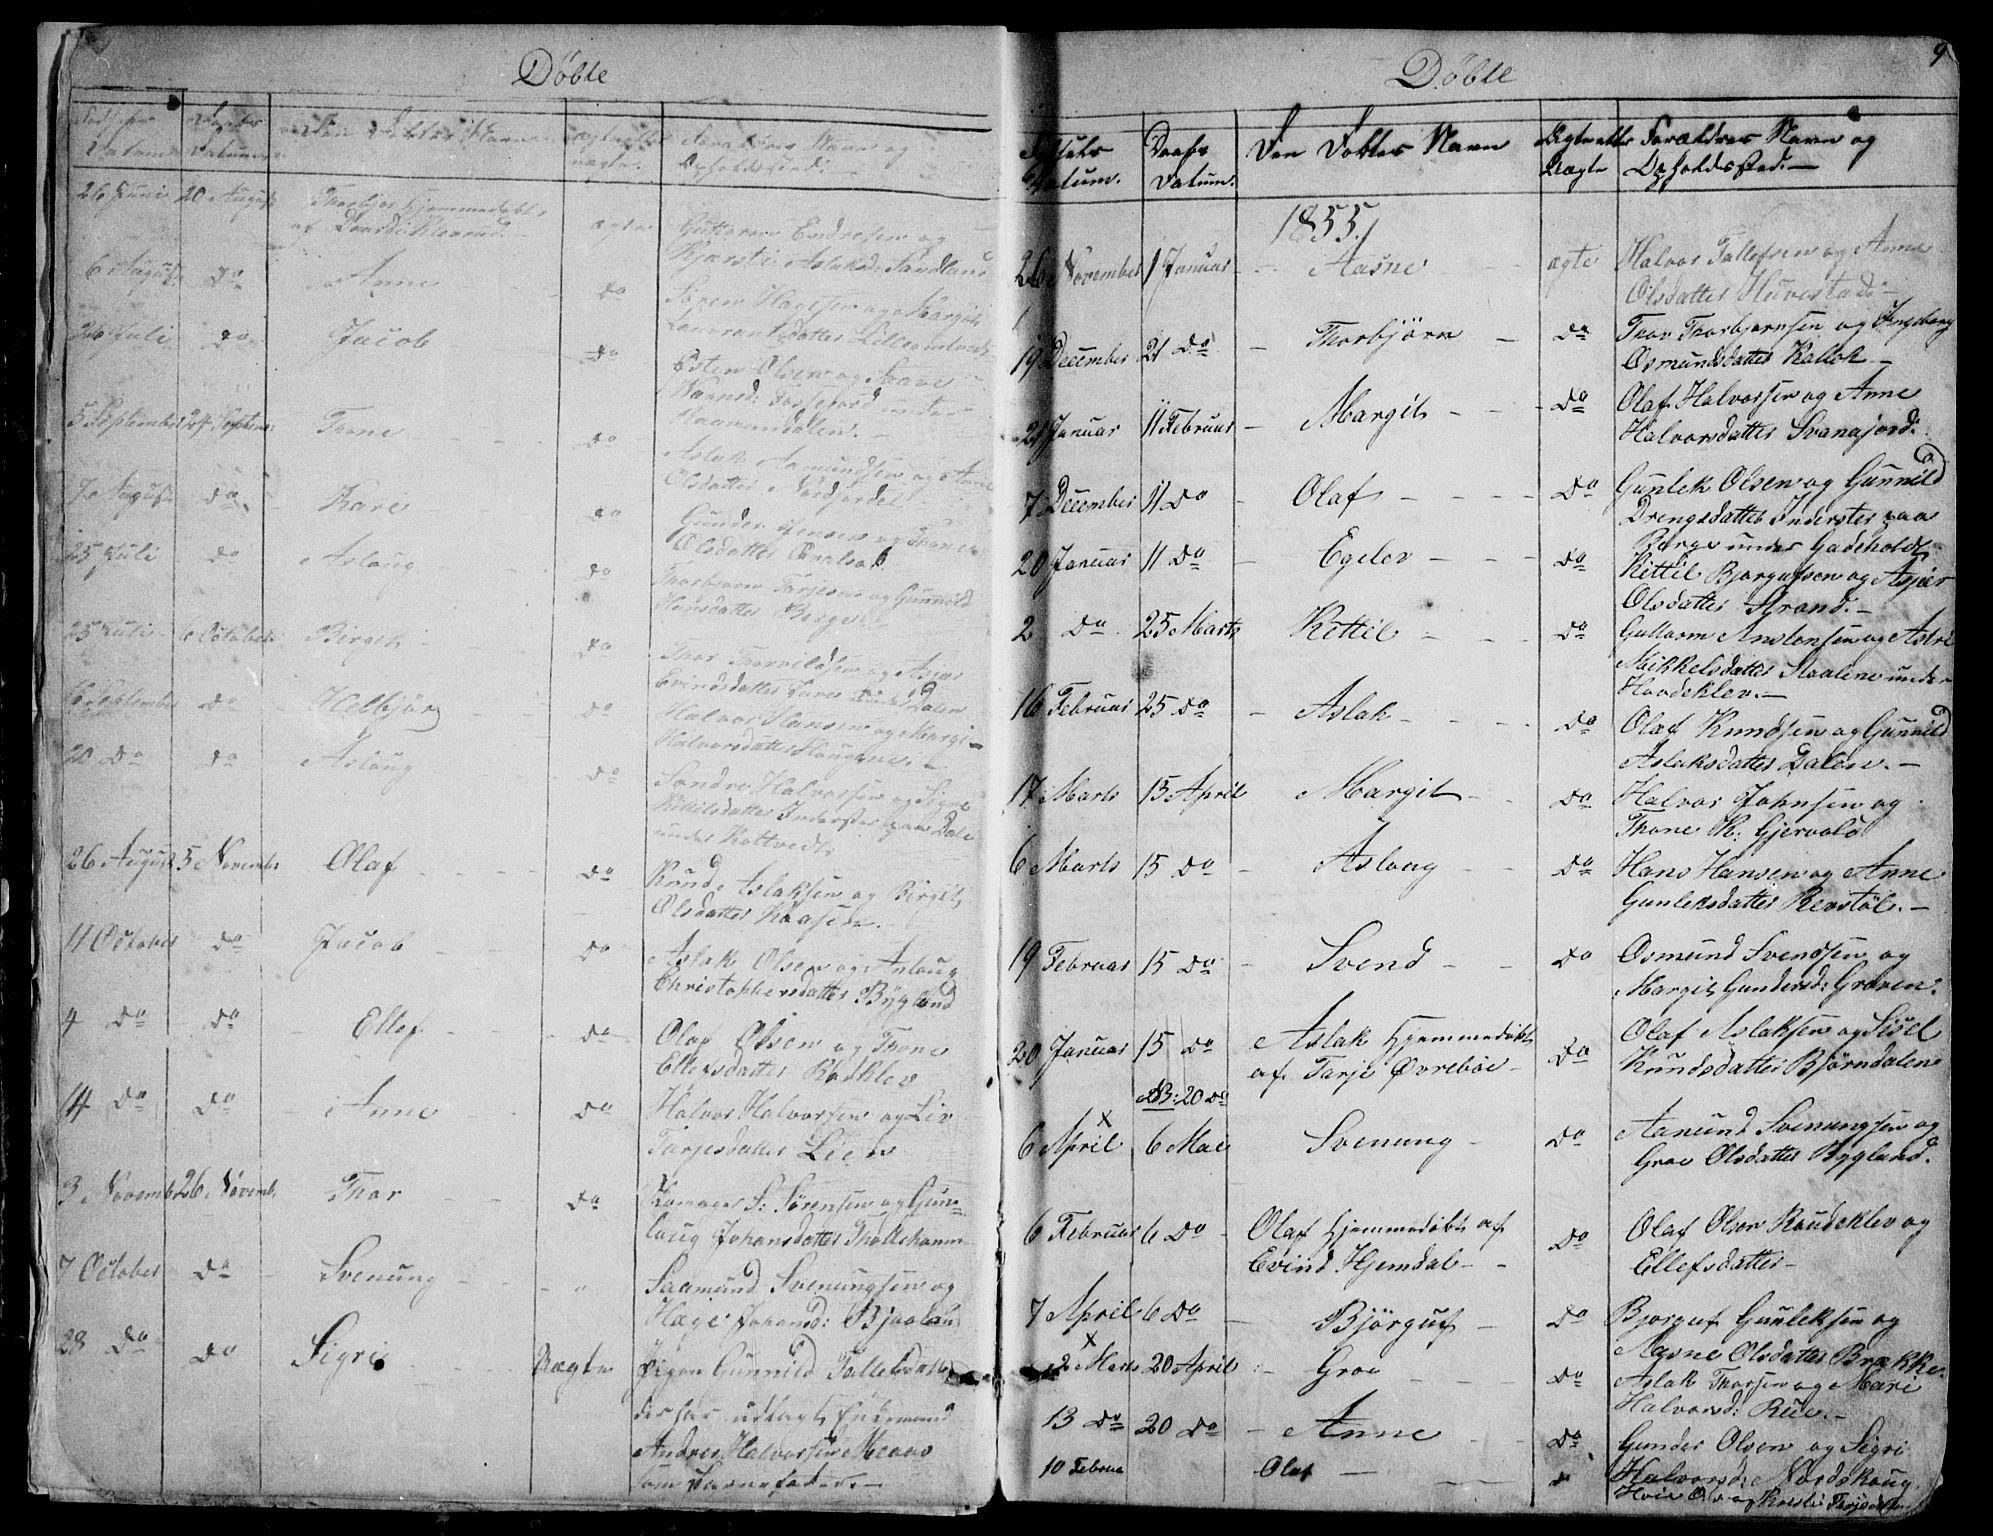 SAKO, Kviteseid kirkebøker, G/Gb/L0002: Klokkerbok nr. II 2, 1850-1892, s. 9